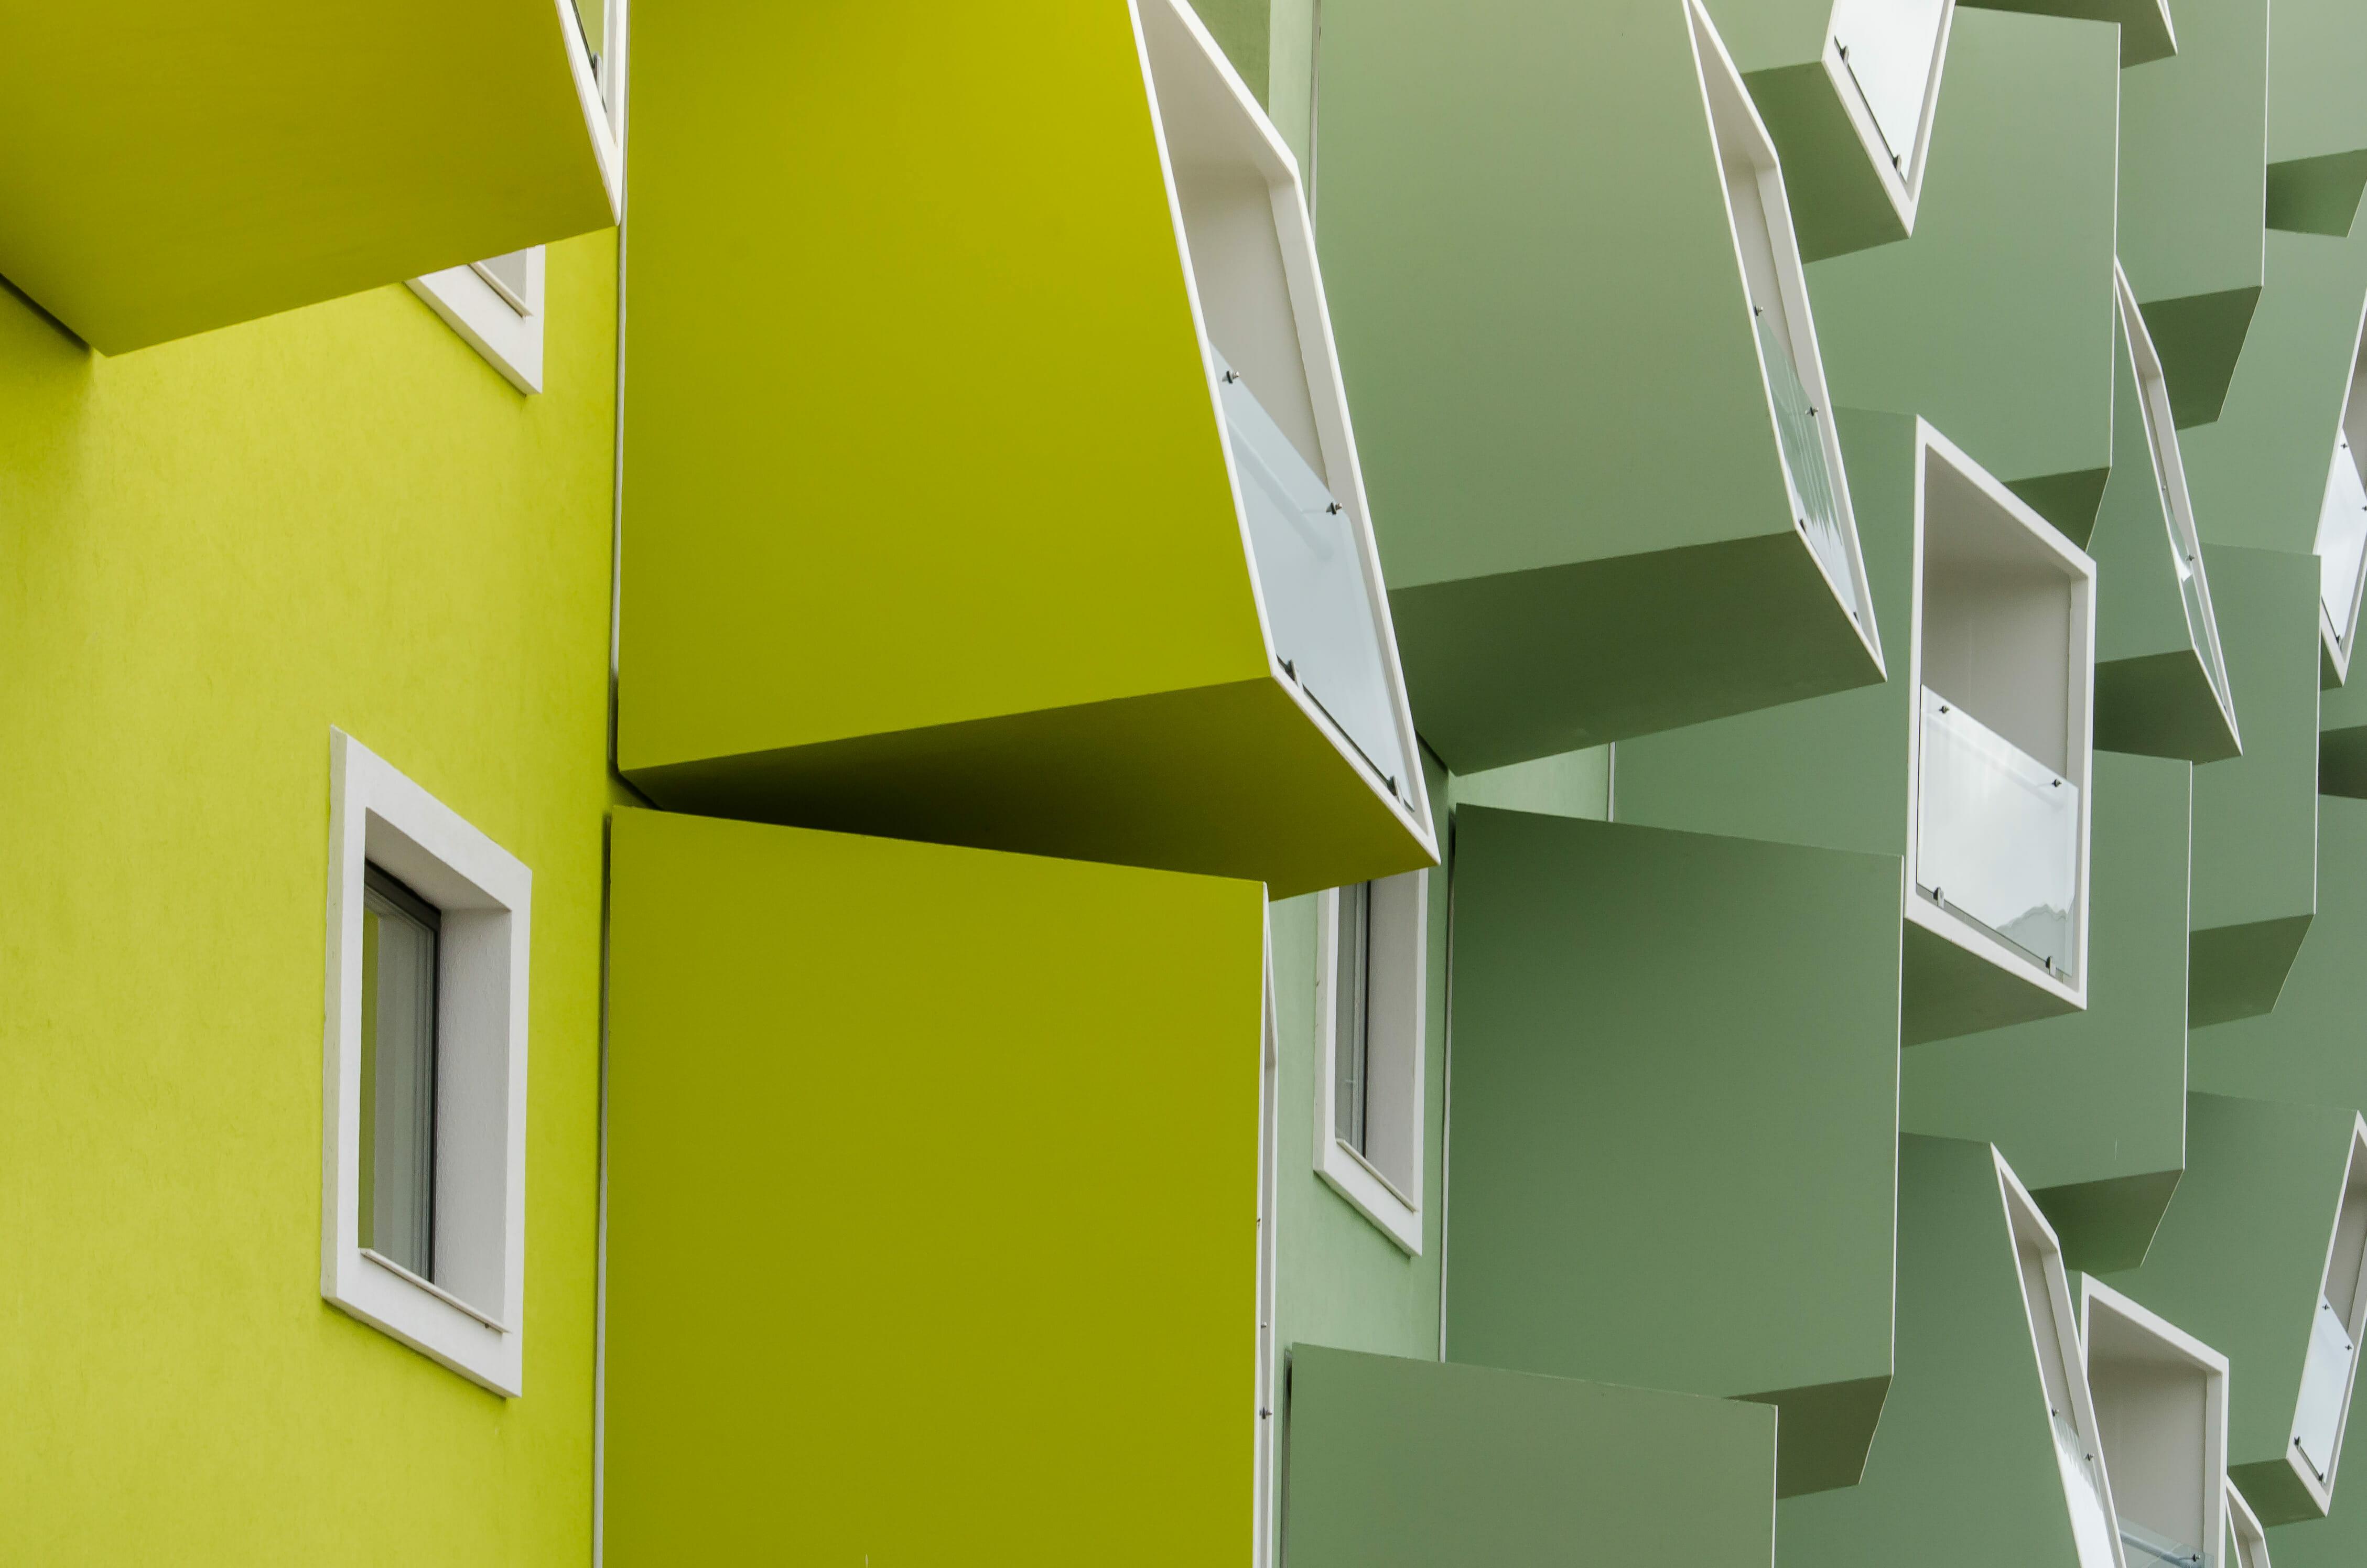 Zdjecia nowowczesnej architektury wielorodzinnej